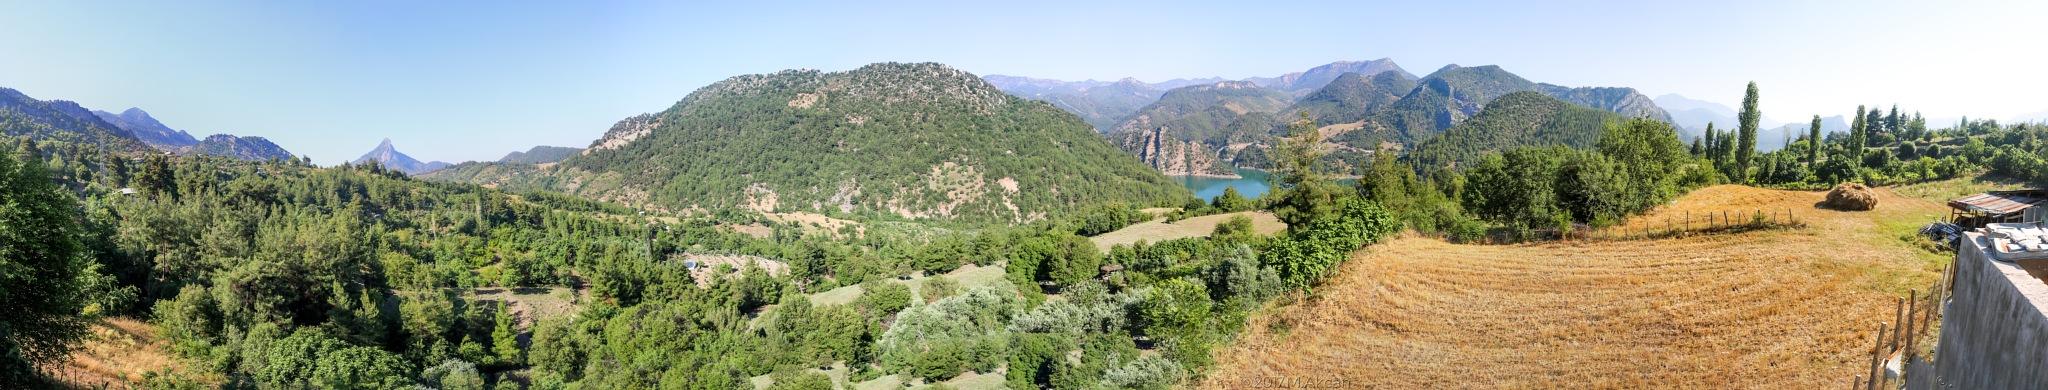 Akkaya Panorama by Mesut Akcan